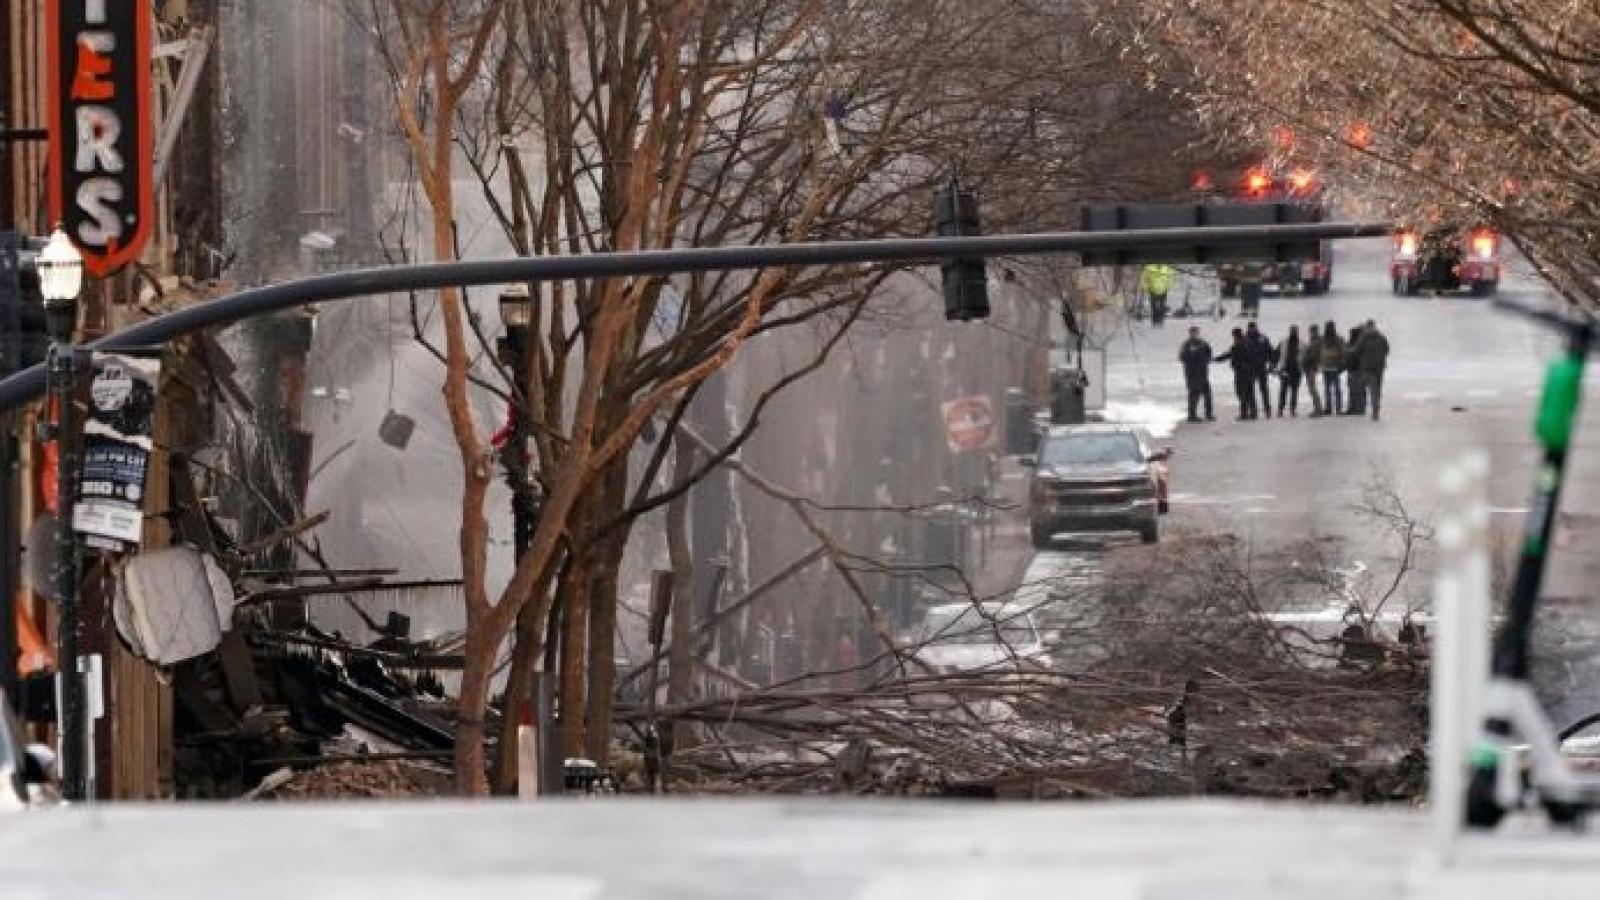 """Giới chức Mỹ khẩn trương xác định """"phần thi thể"""" gần hiện trường vụ nổ Nashville"""